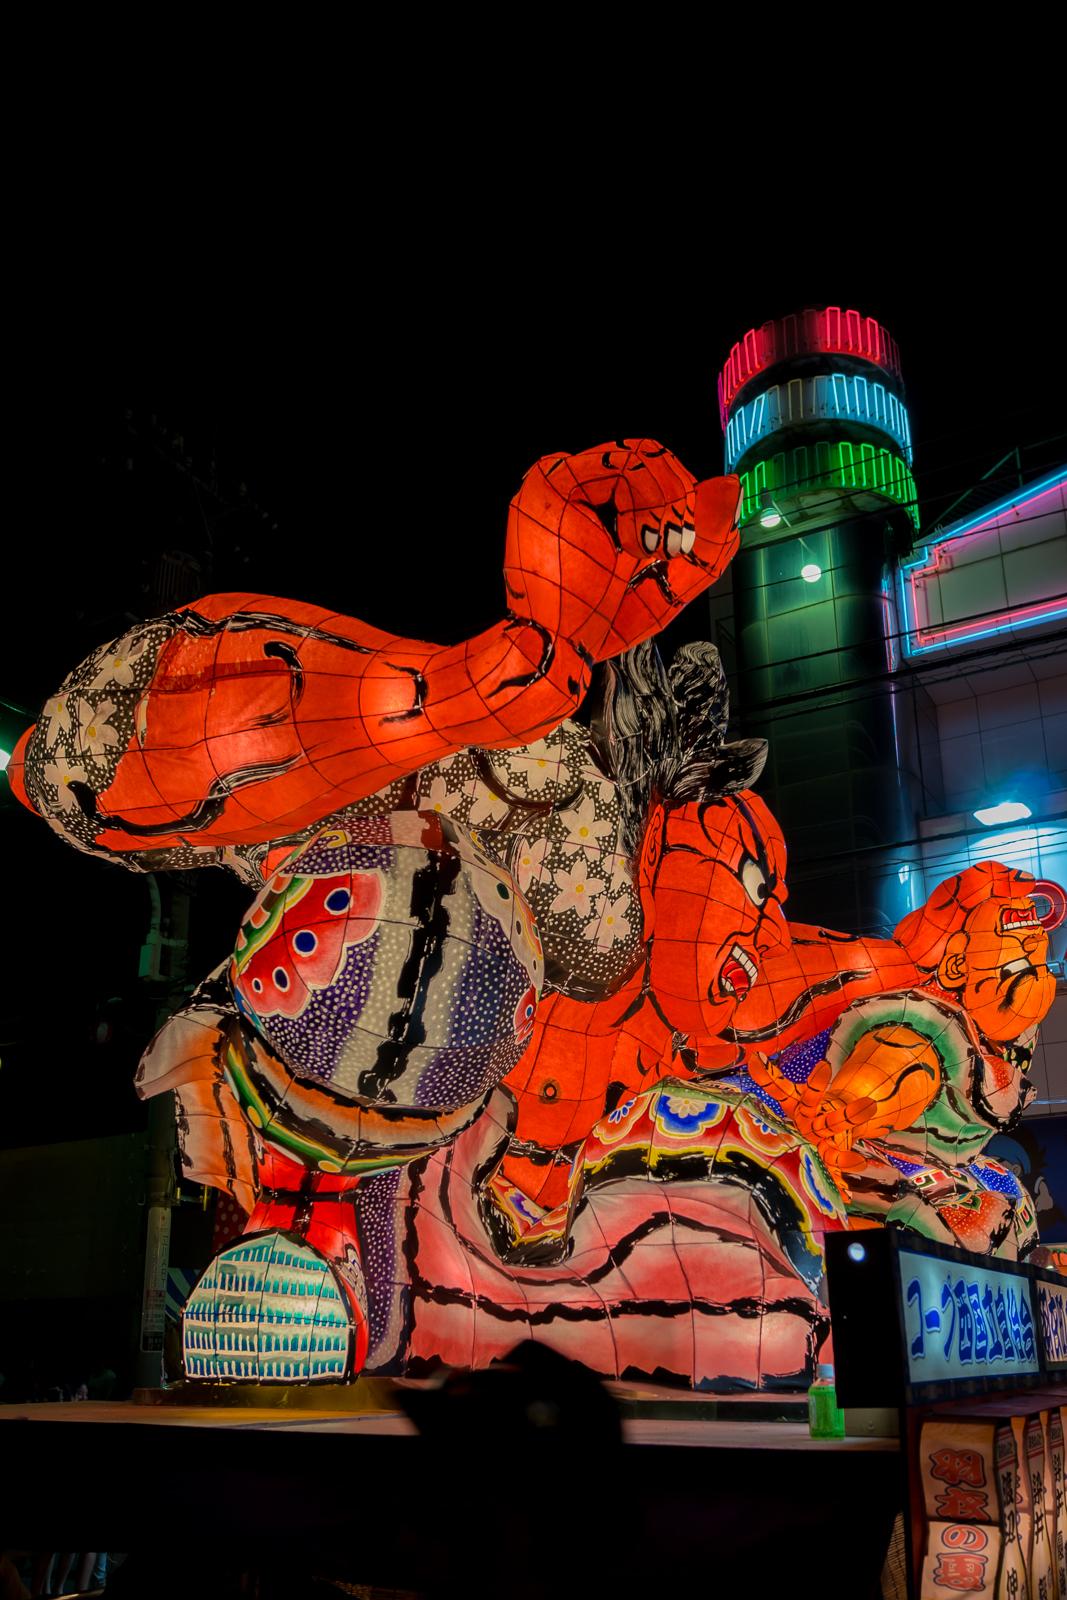 立川、羽衣ねぶた祭 ねぶたの写真